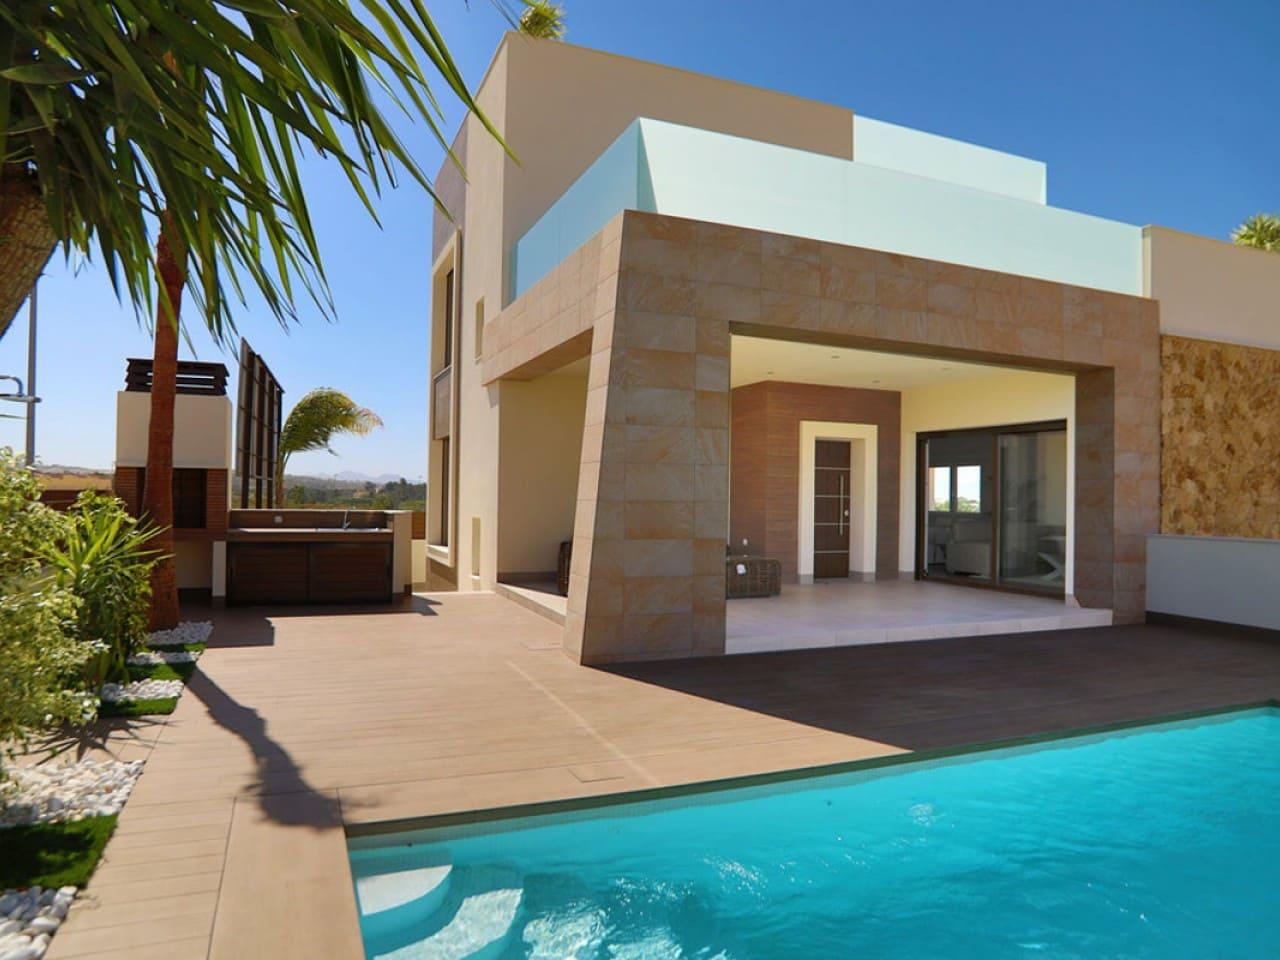 Chalet de 2 habitaciones en Benijófar en venta con piscina - 289.000 € (Ref: 4982935)